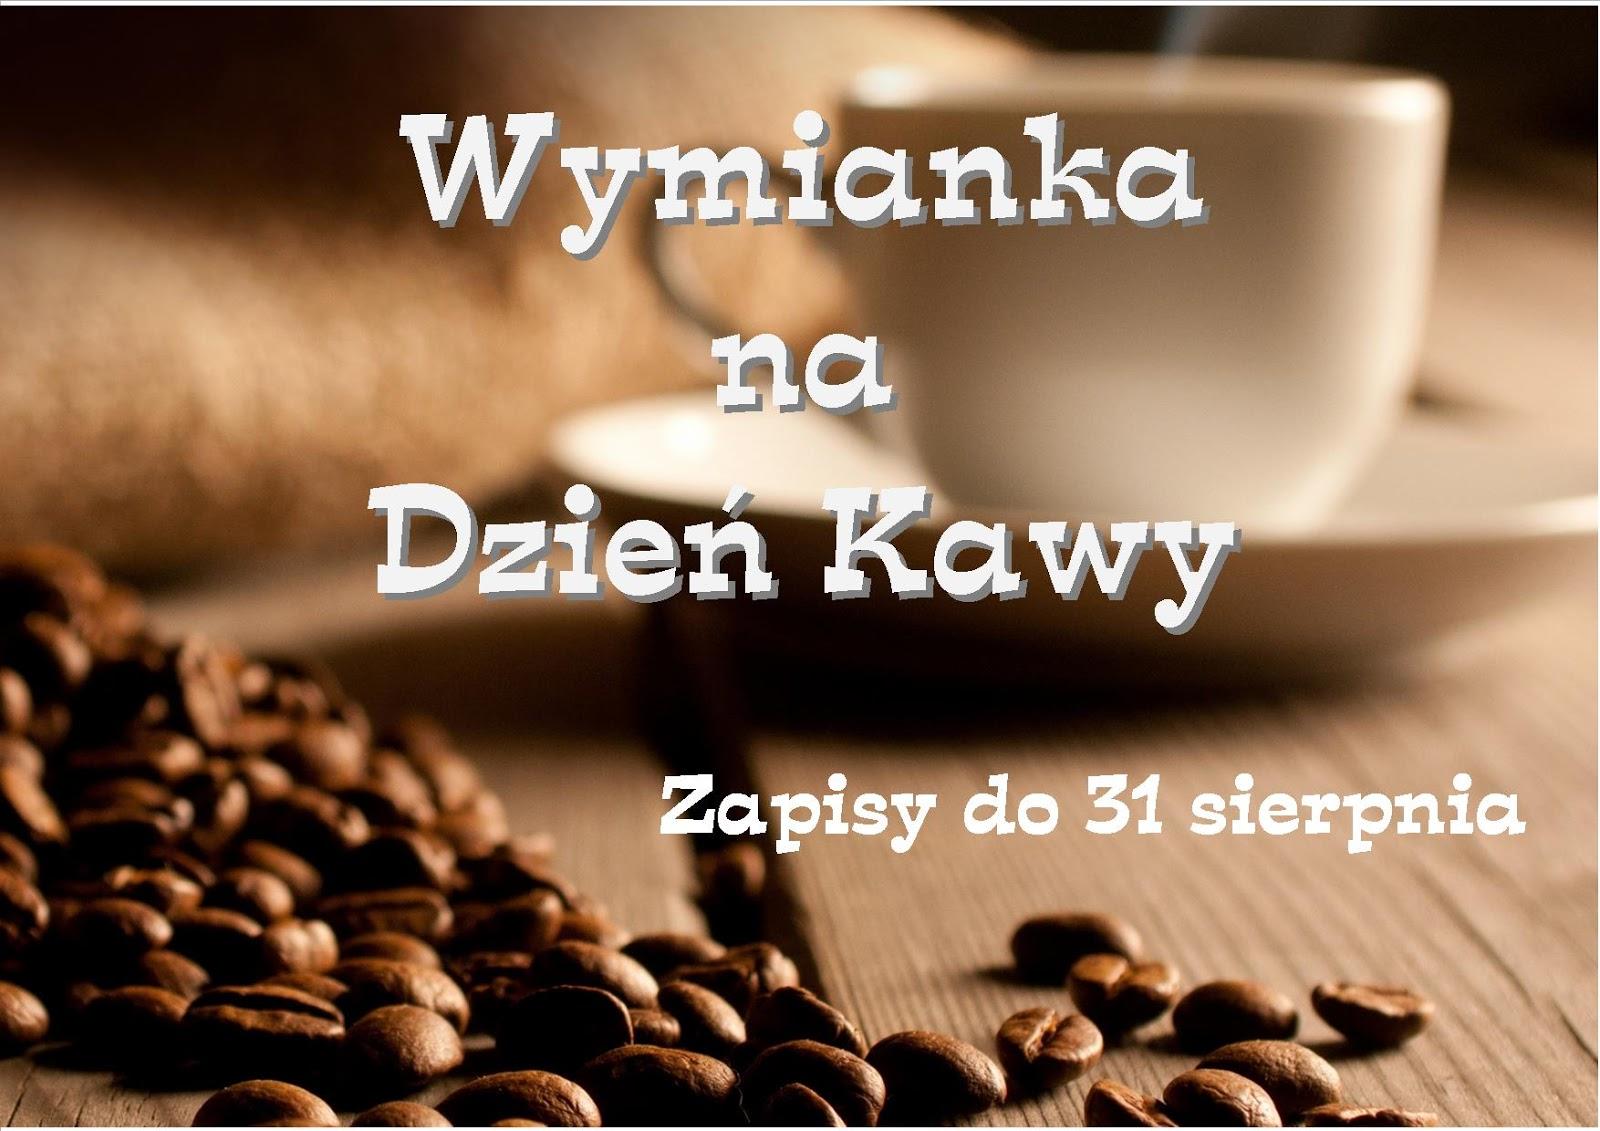 http://szalkrzyzykow.blogspot.com/2017/08/818-wymianka-na-dzien-kawy.html